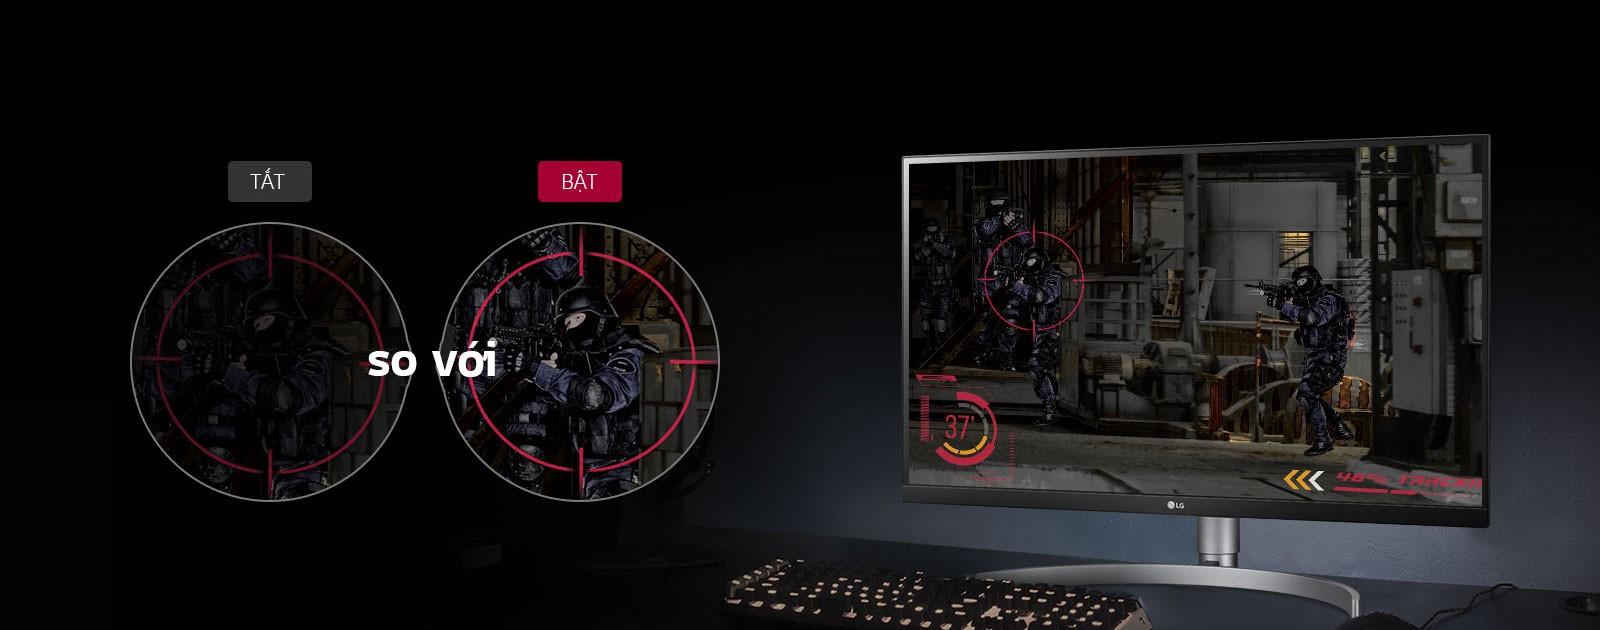 Màn hình LG 27UL850-W.ATV chế độ game